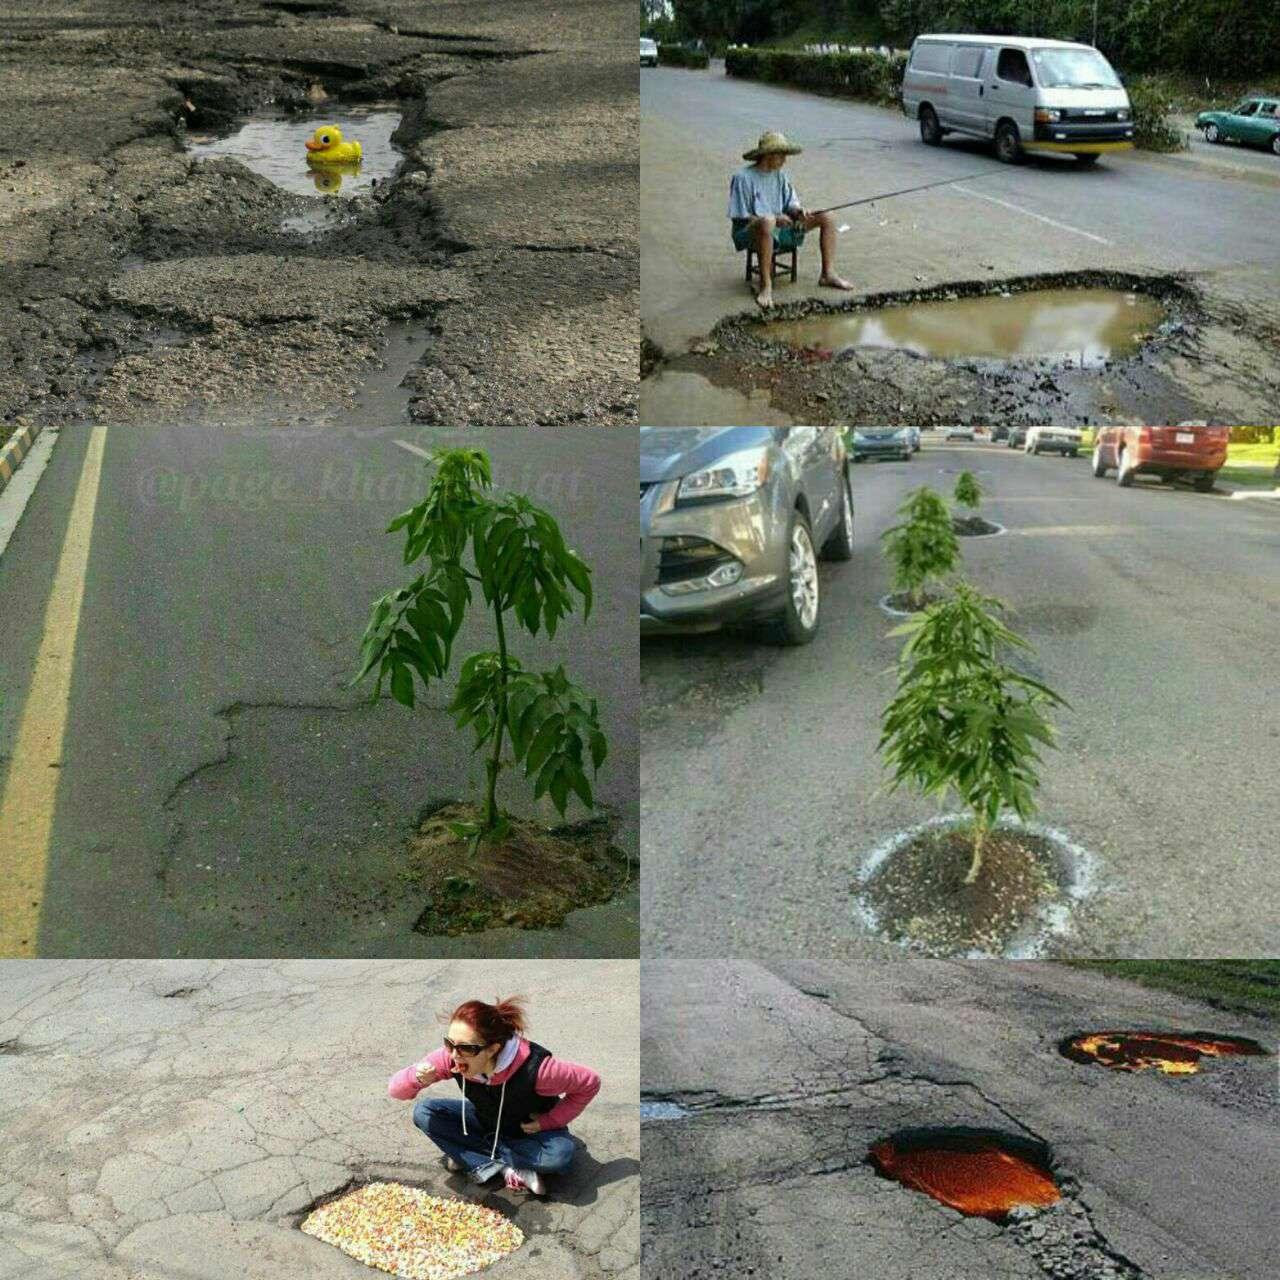 اعتراض به چاله های خیابان در کشورهای مختلف